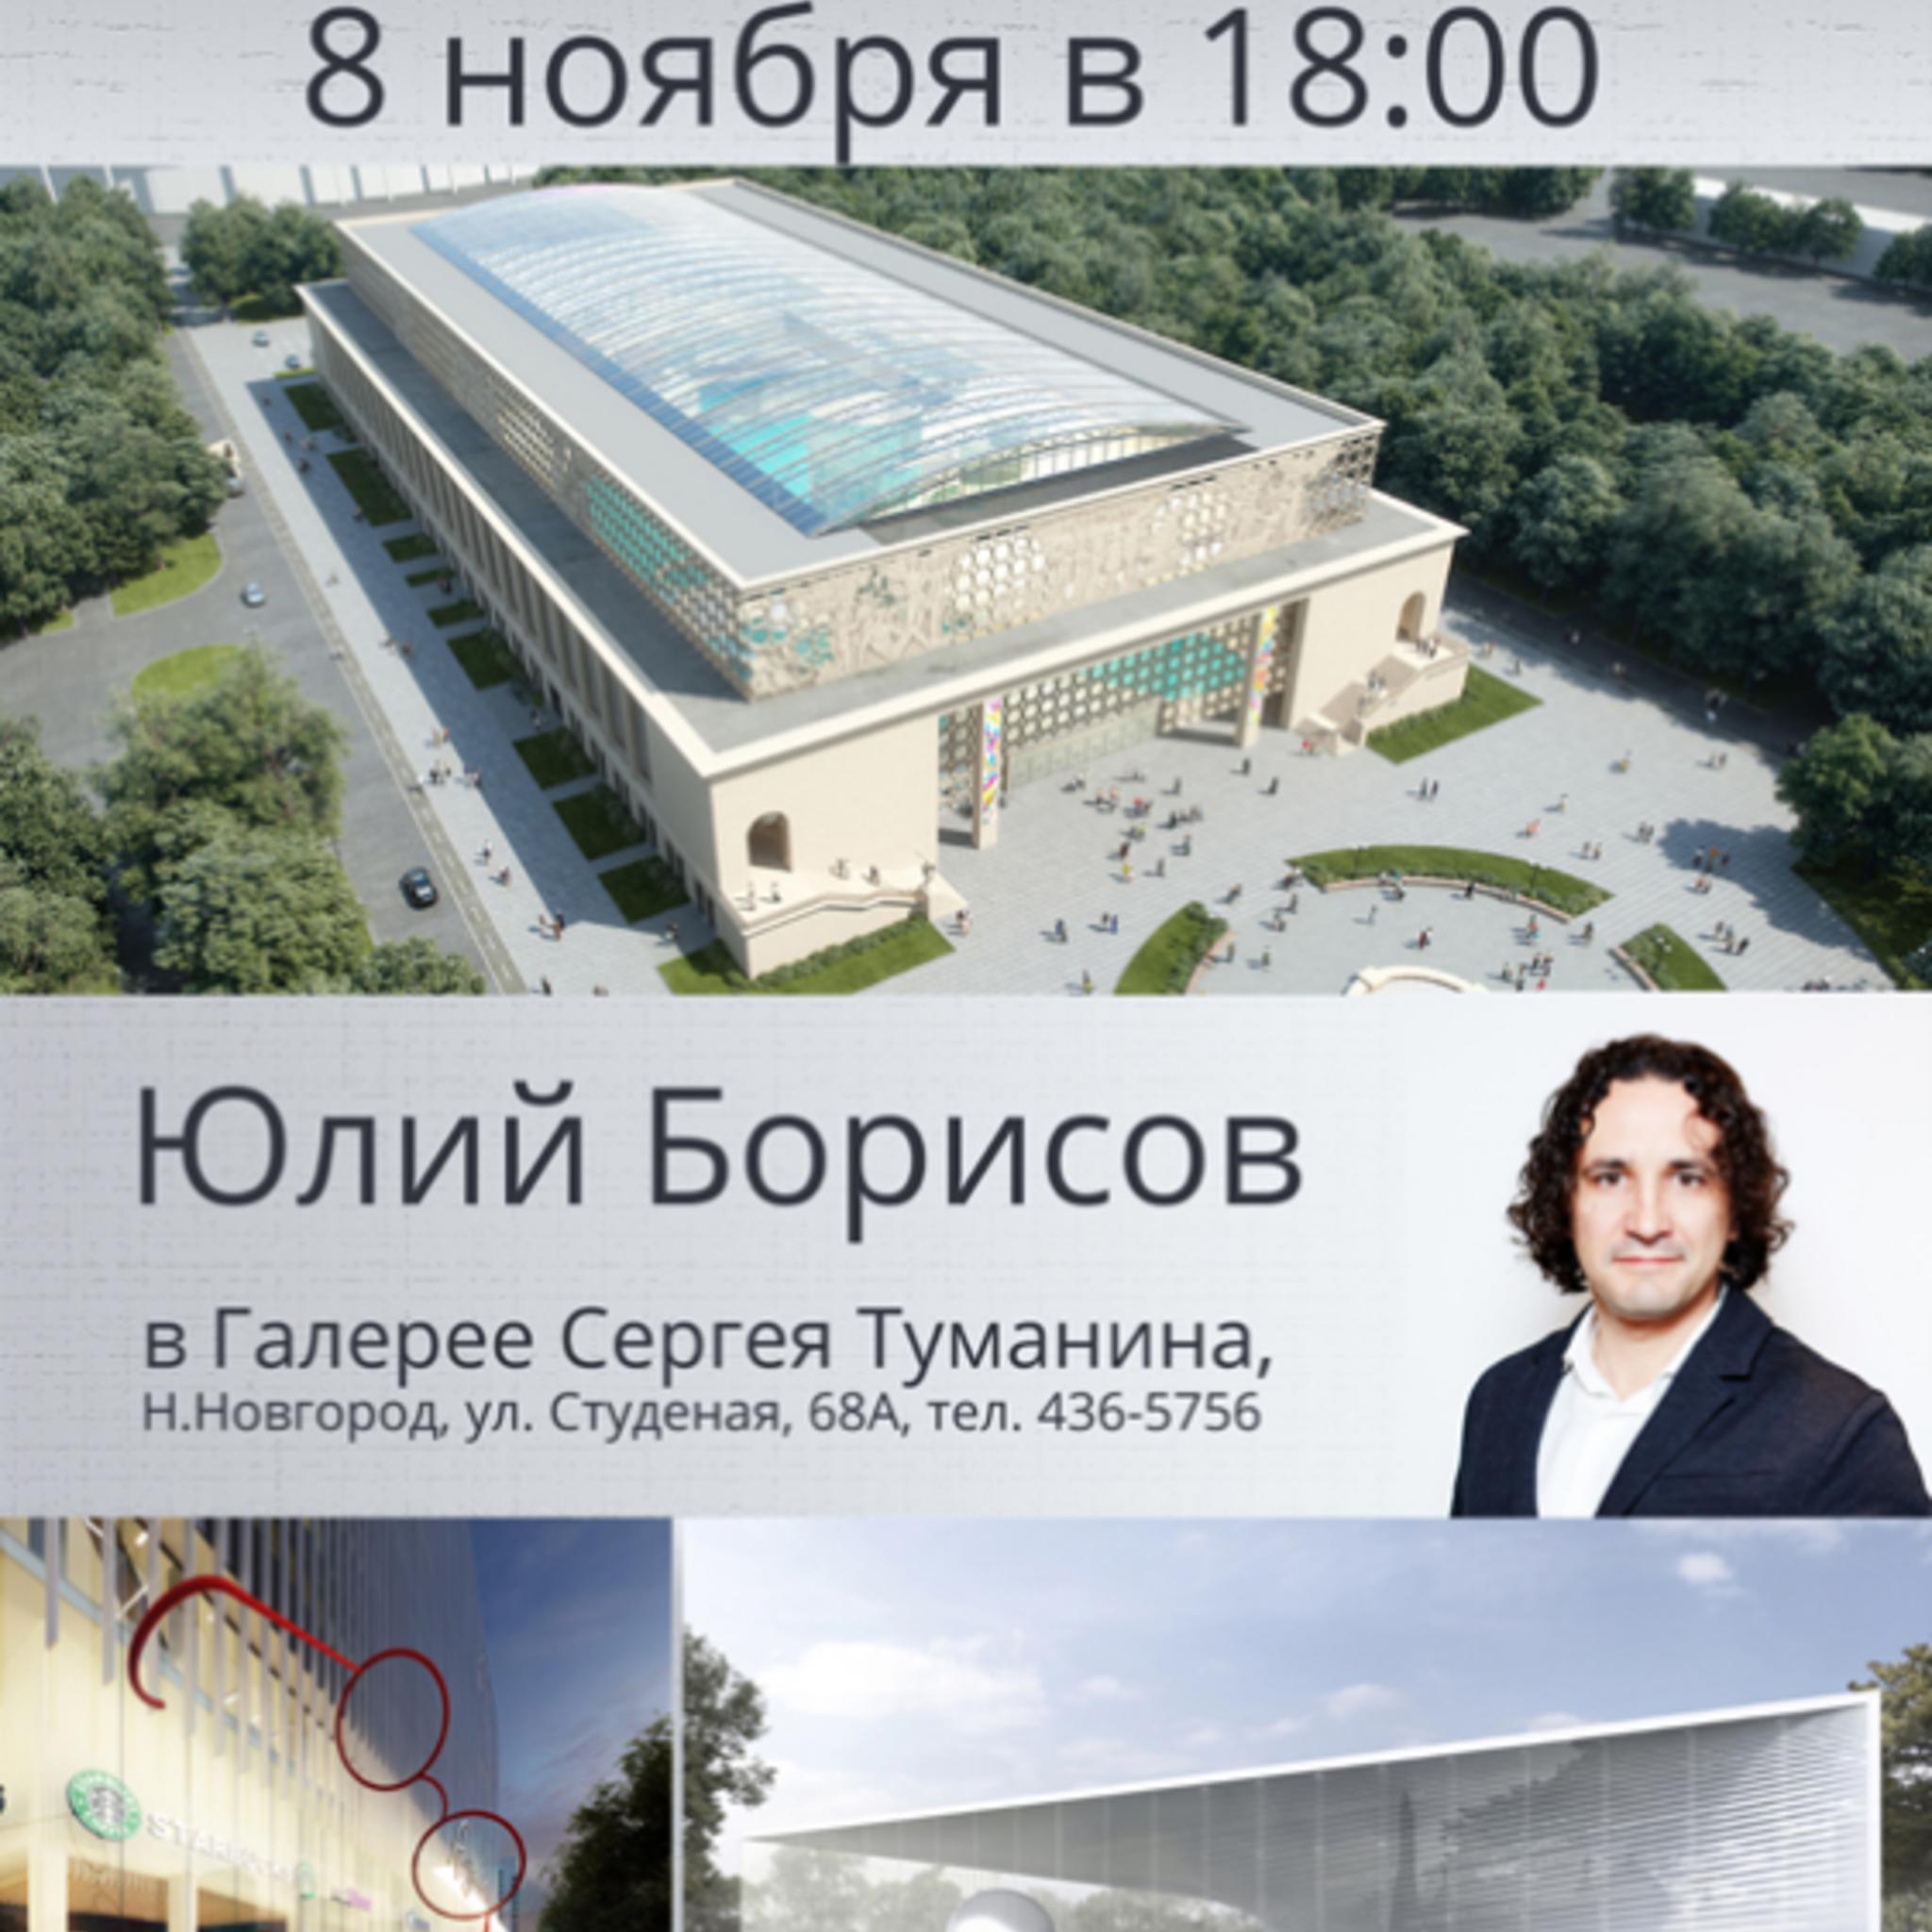 Мастер-класс архитектора и дизайнера Юлии Борисовой